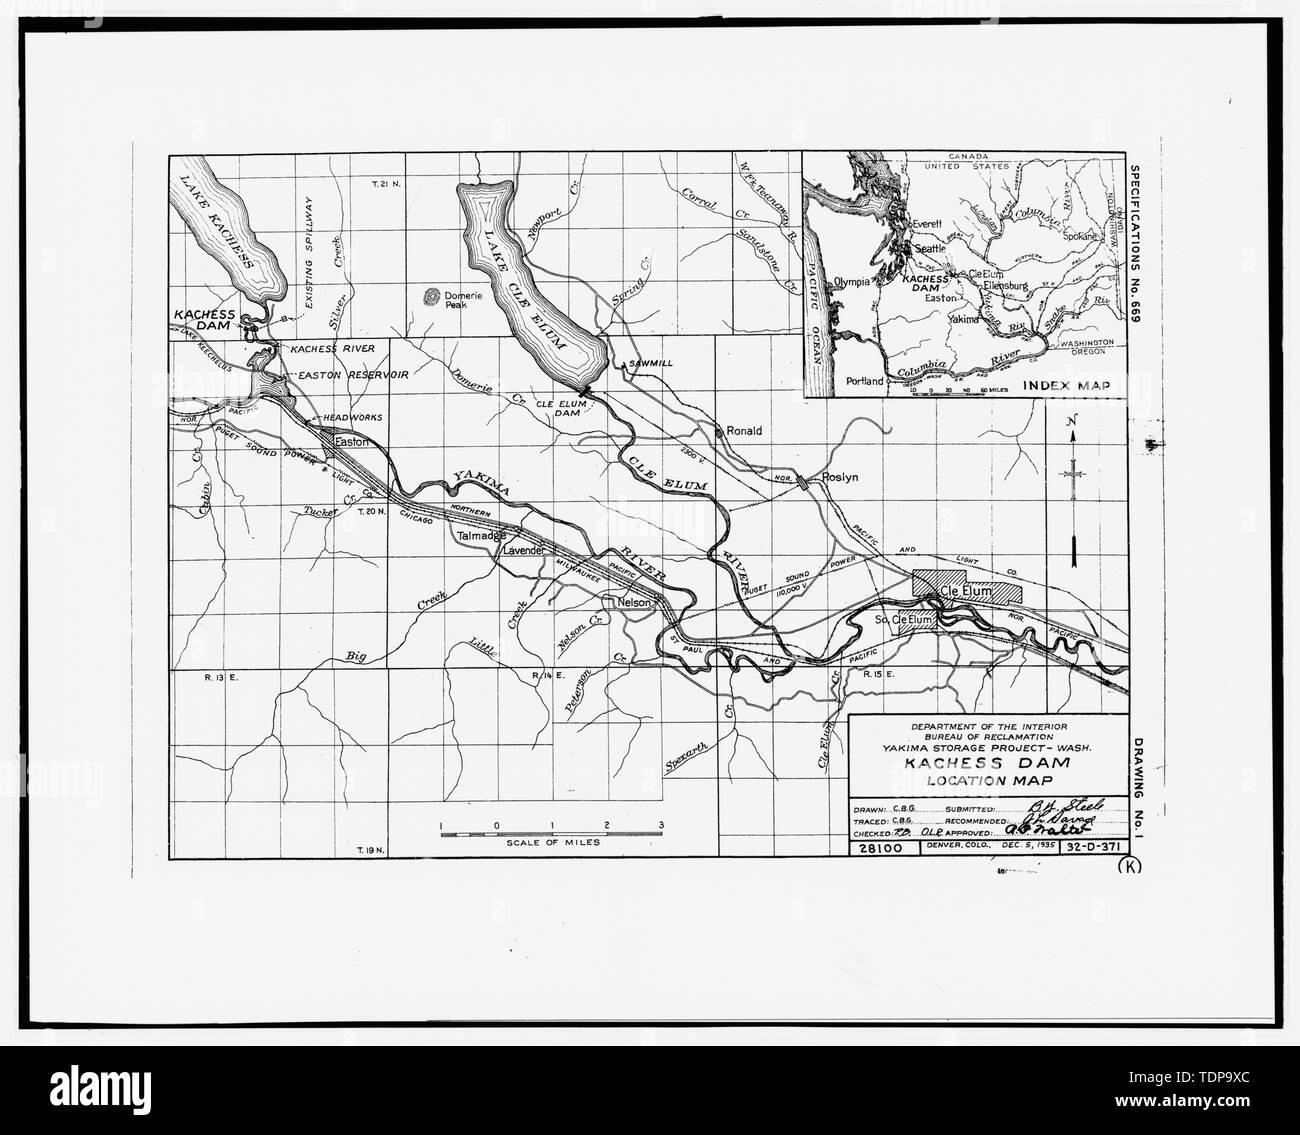 Easton Dam Stock Photos & Easton Dam Stock Images - Alamy